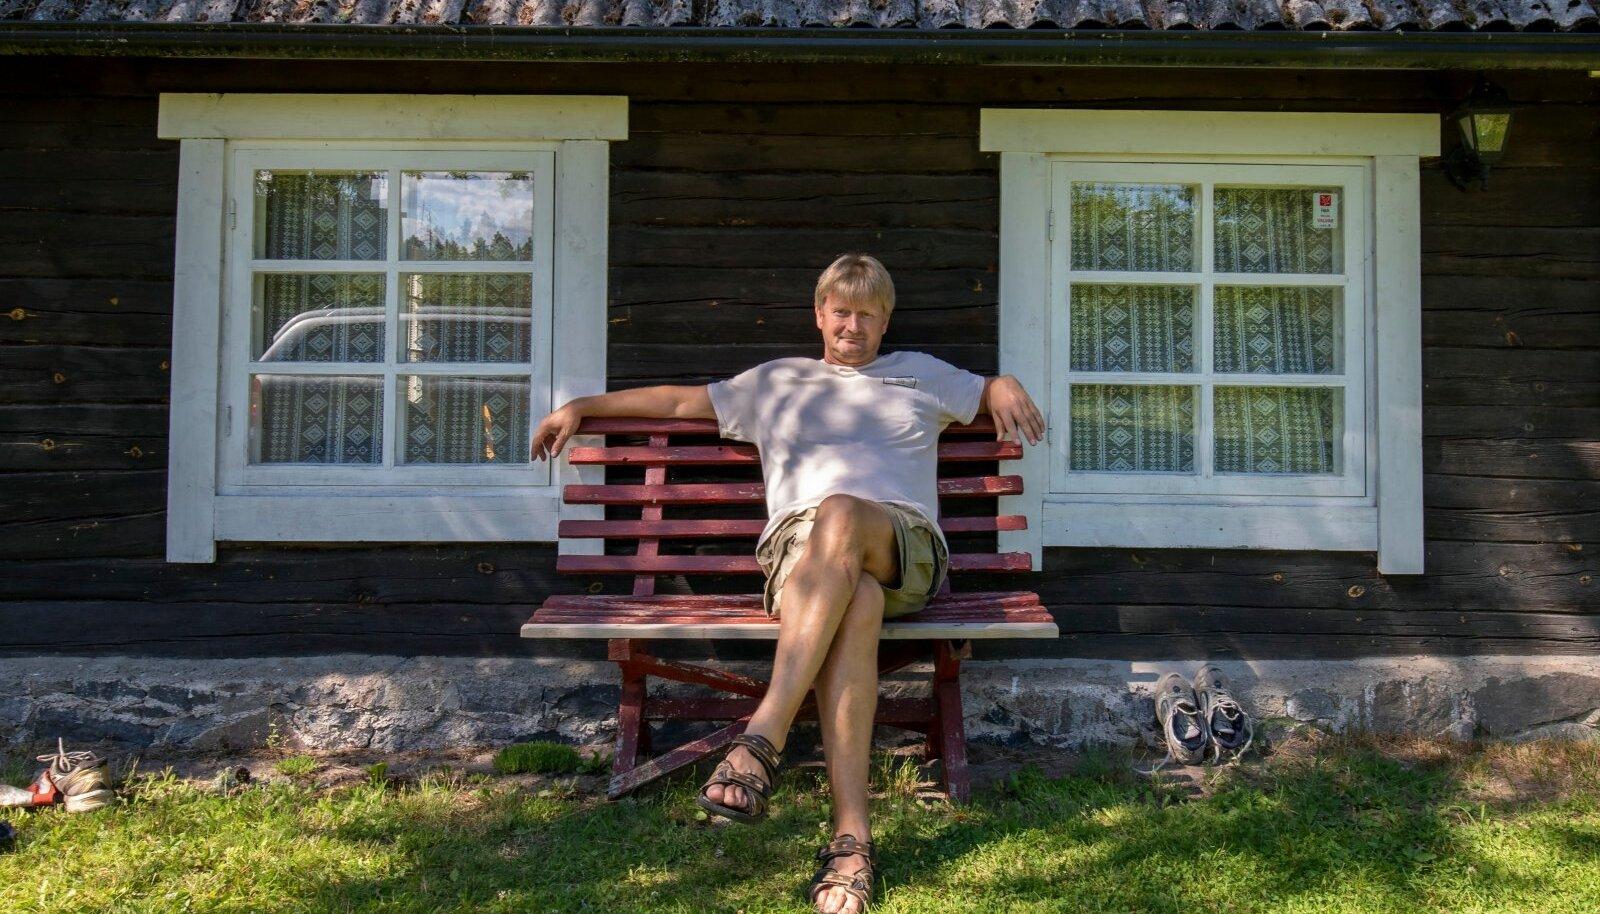 Garri Raagmaa oma maakodus. Ta ennustab, et järjest enam Eesti inimesi otsib endale ka maakodu.